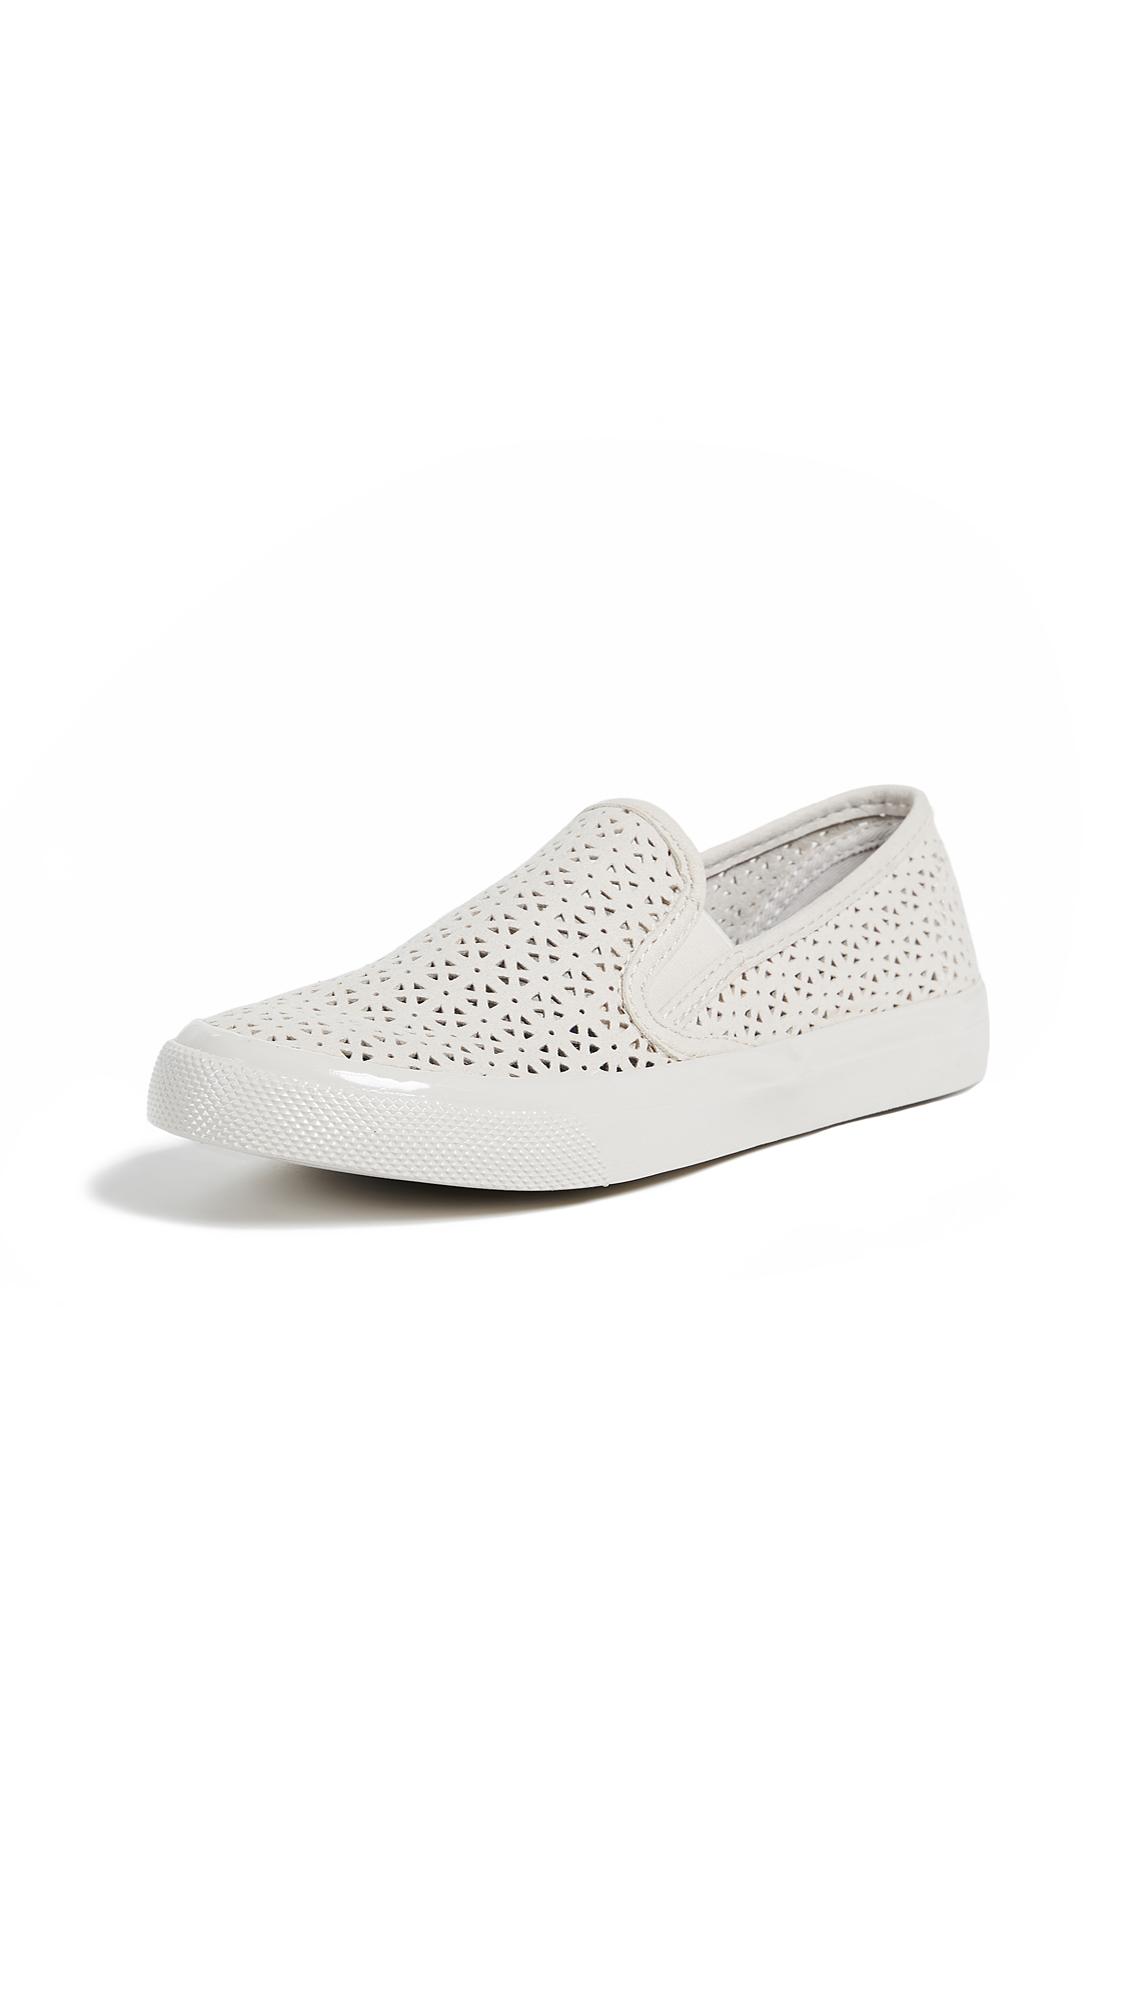 Sperry Seaside Nautical Perf Slip On Sneakers - Ivory